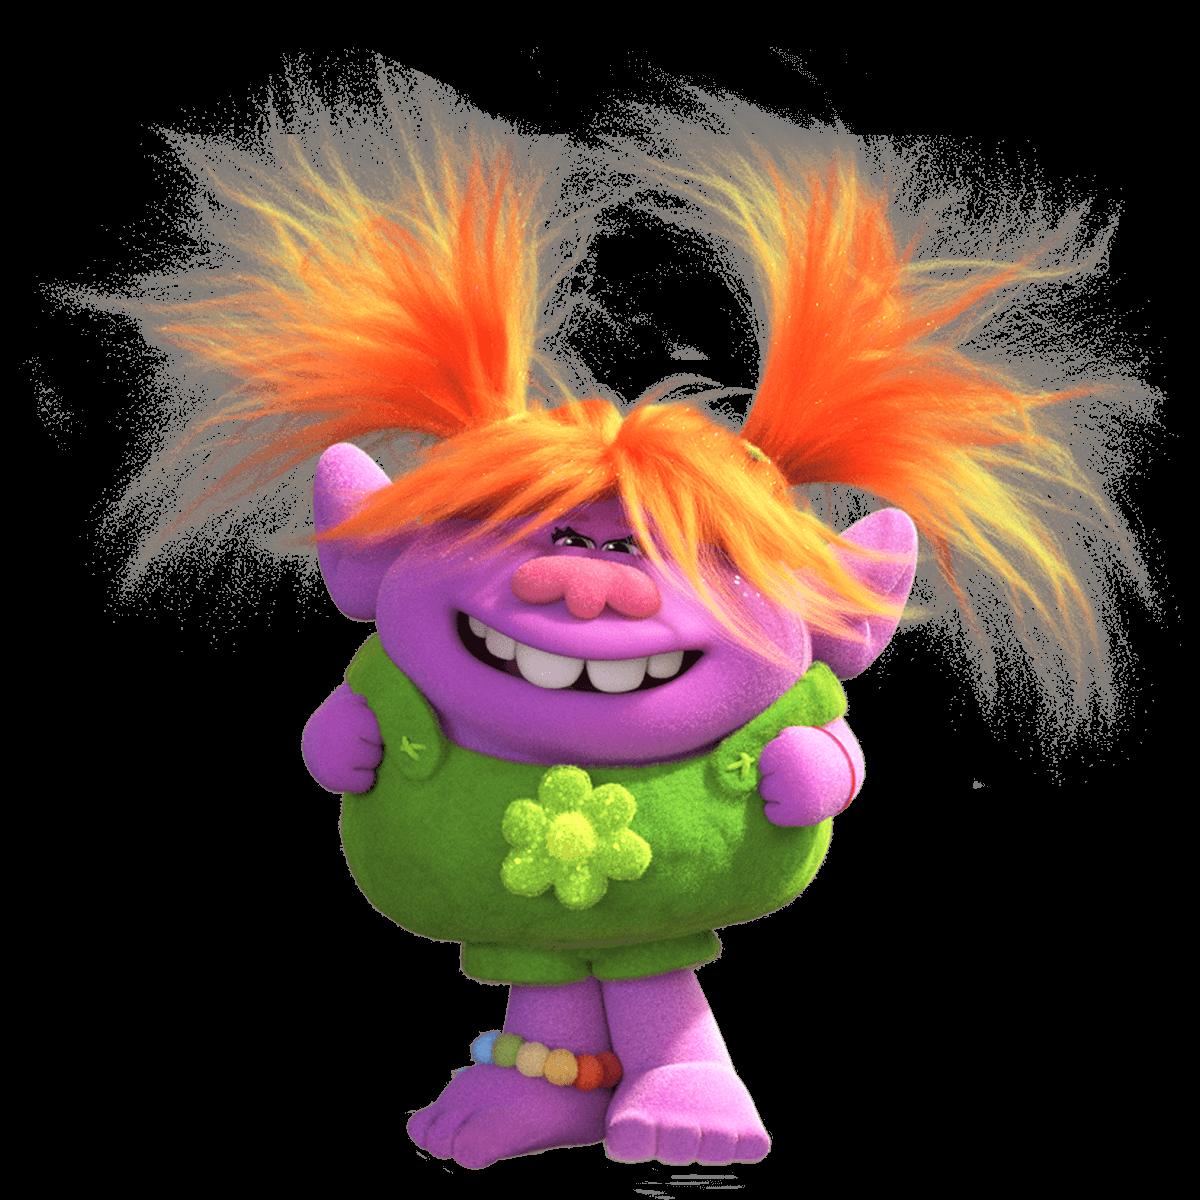 Legsly Trolls Film Wikia Fandom